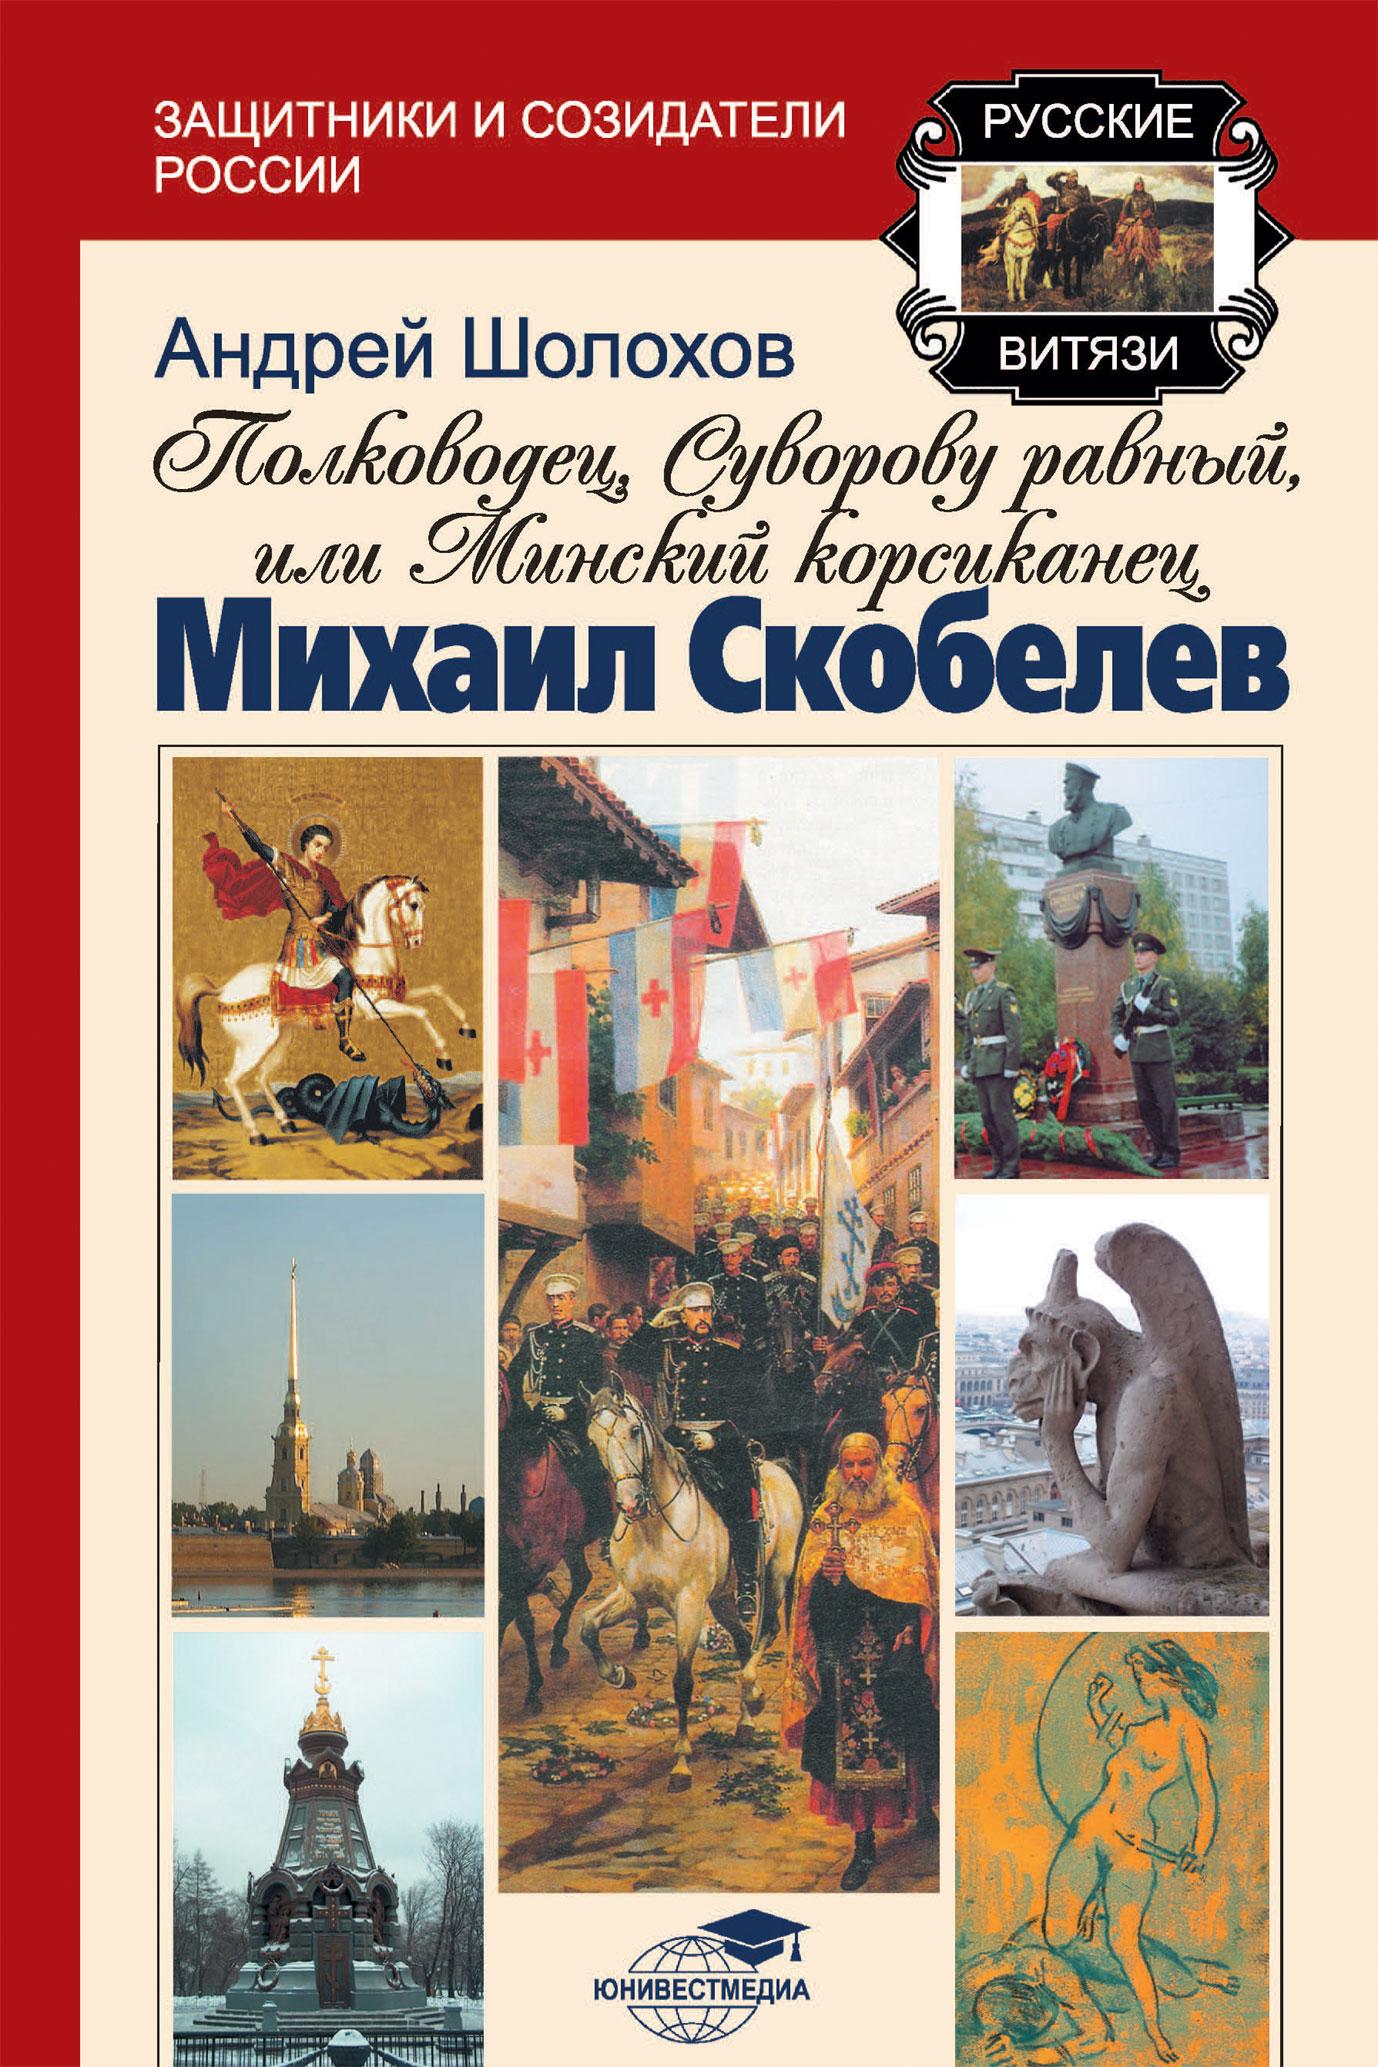 Полководец, Суворову равный, или Минский корсиканец Михаил Скобелев